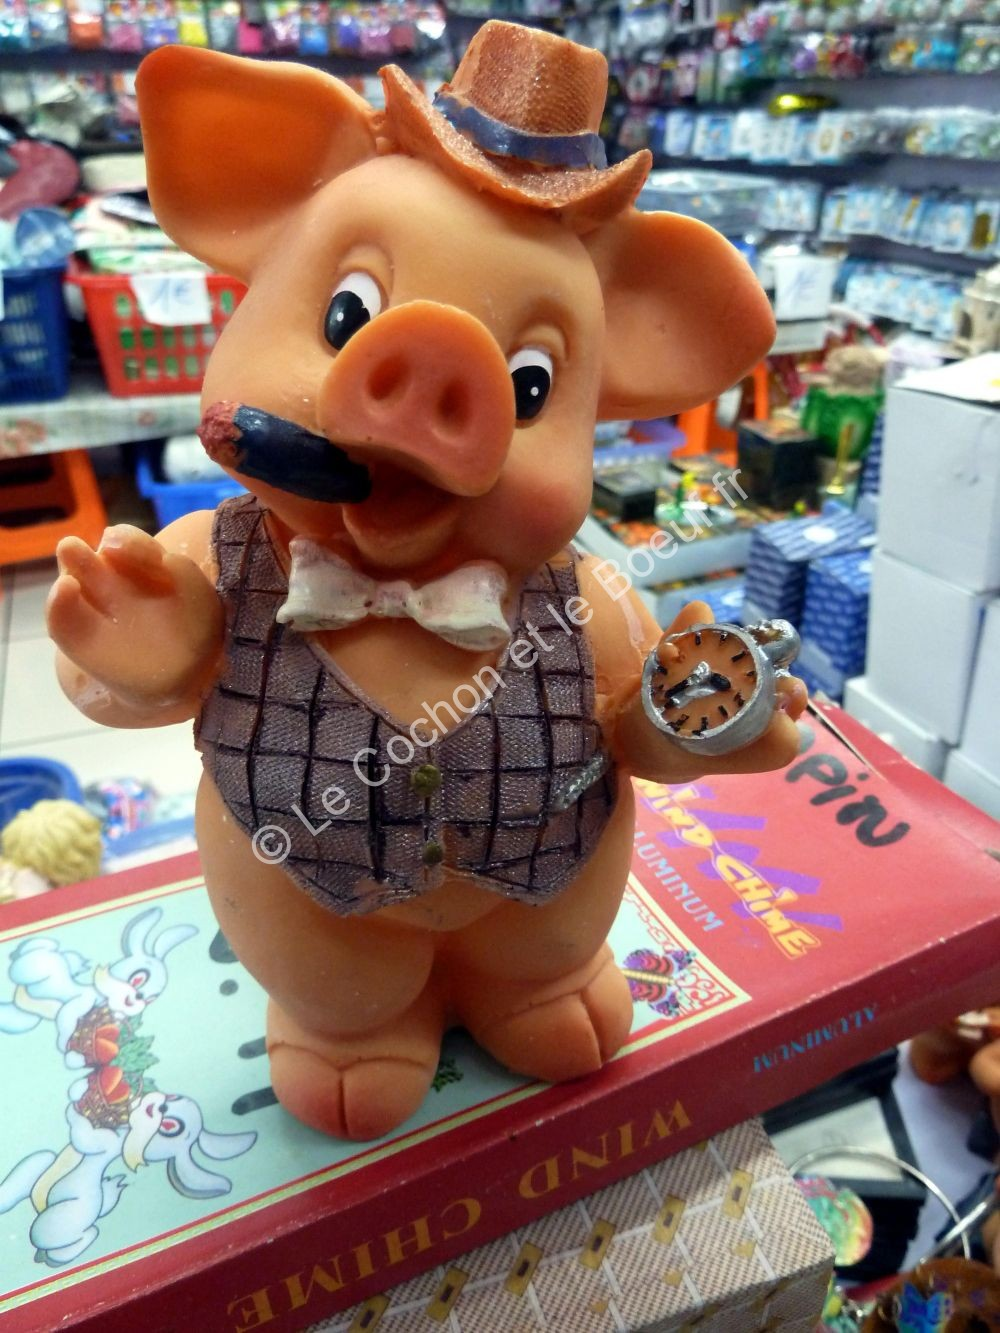 Cochon cigare